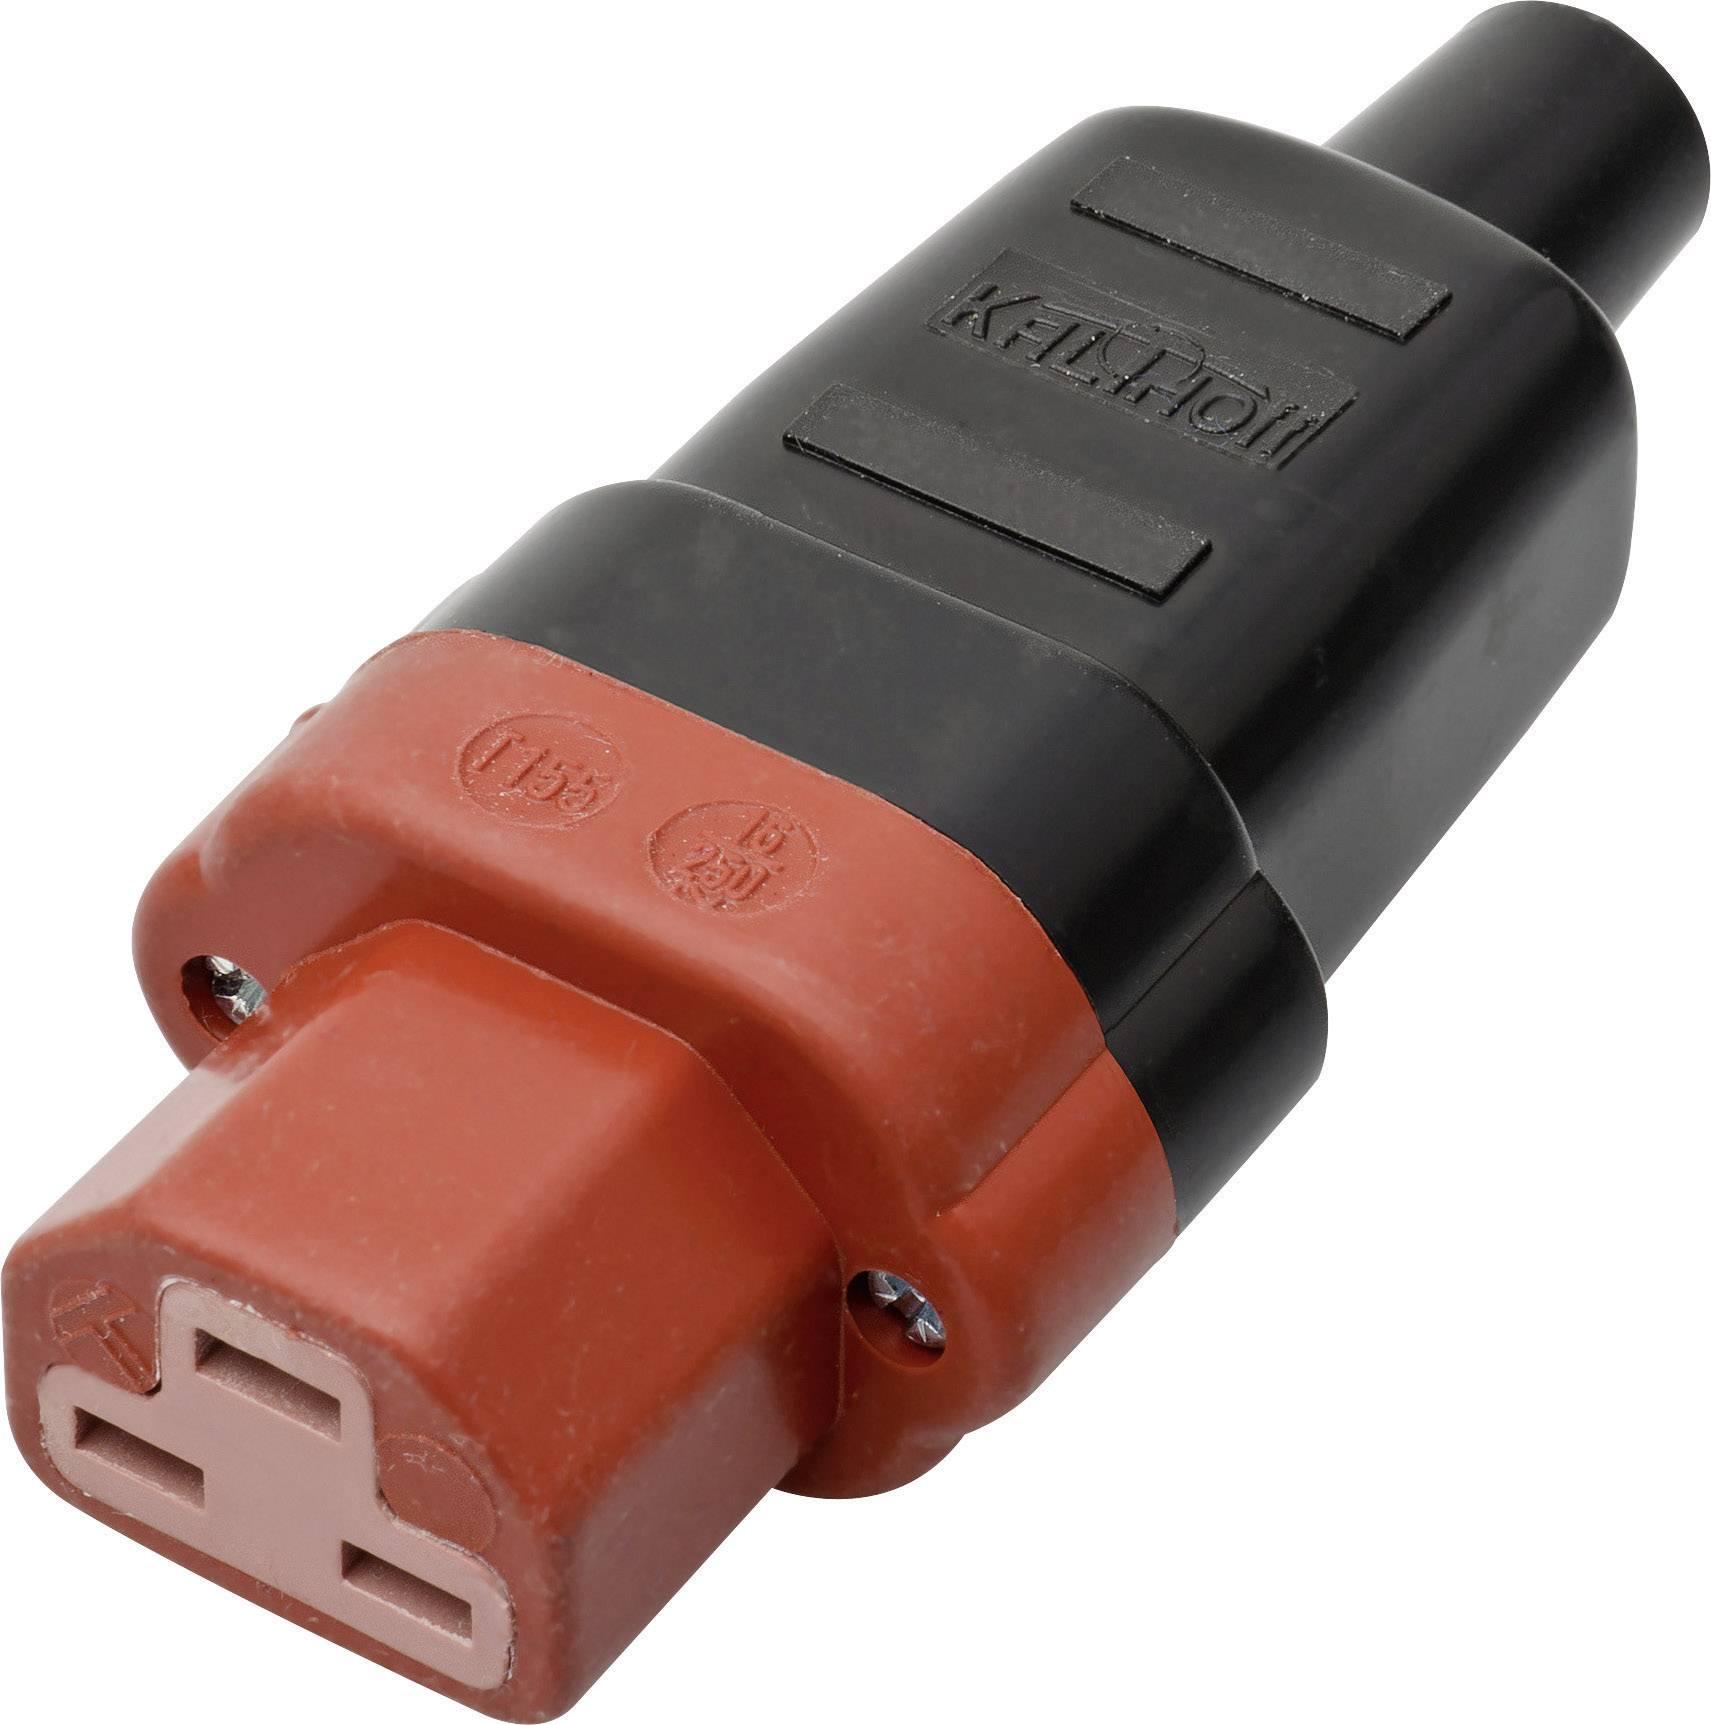 Síťová IEC zásuvka C21 Kalthoff T 155, 250 V, 16 A, černá, 444002